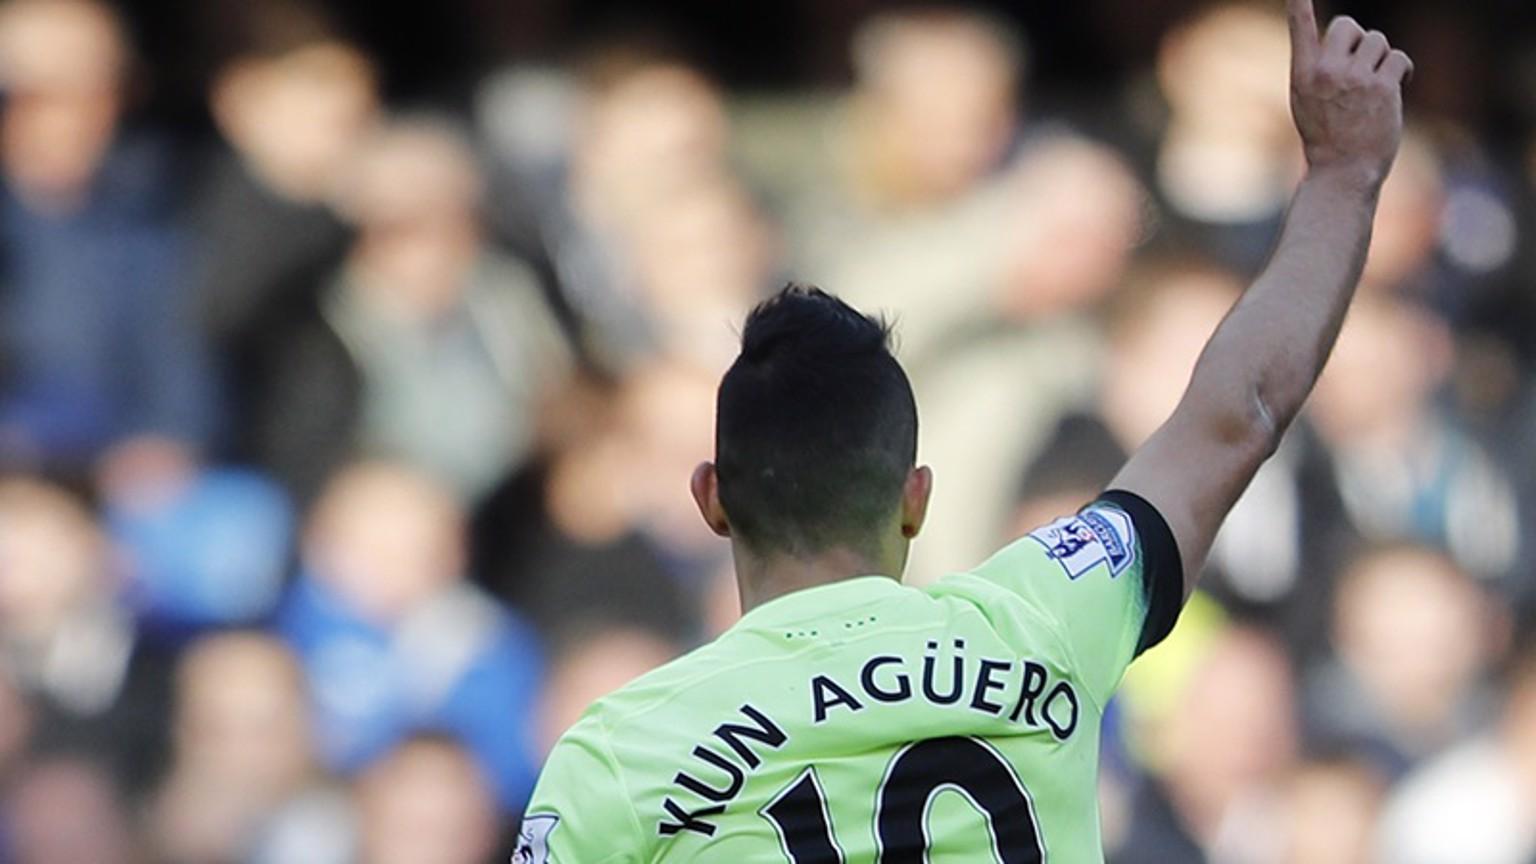 Aguero hat-trick destroys Chelsea